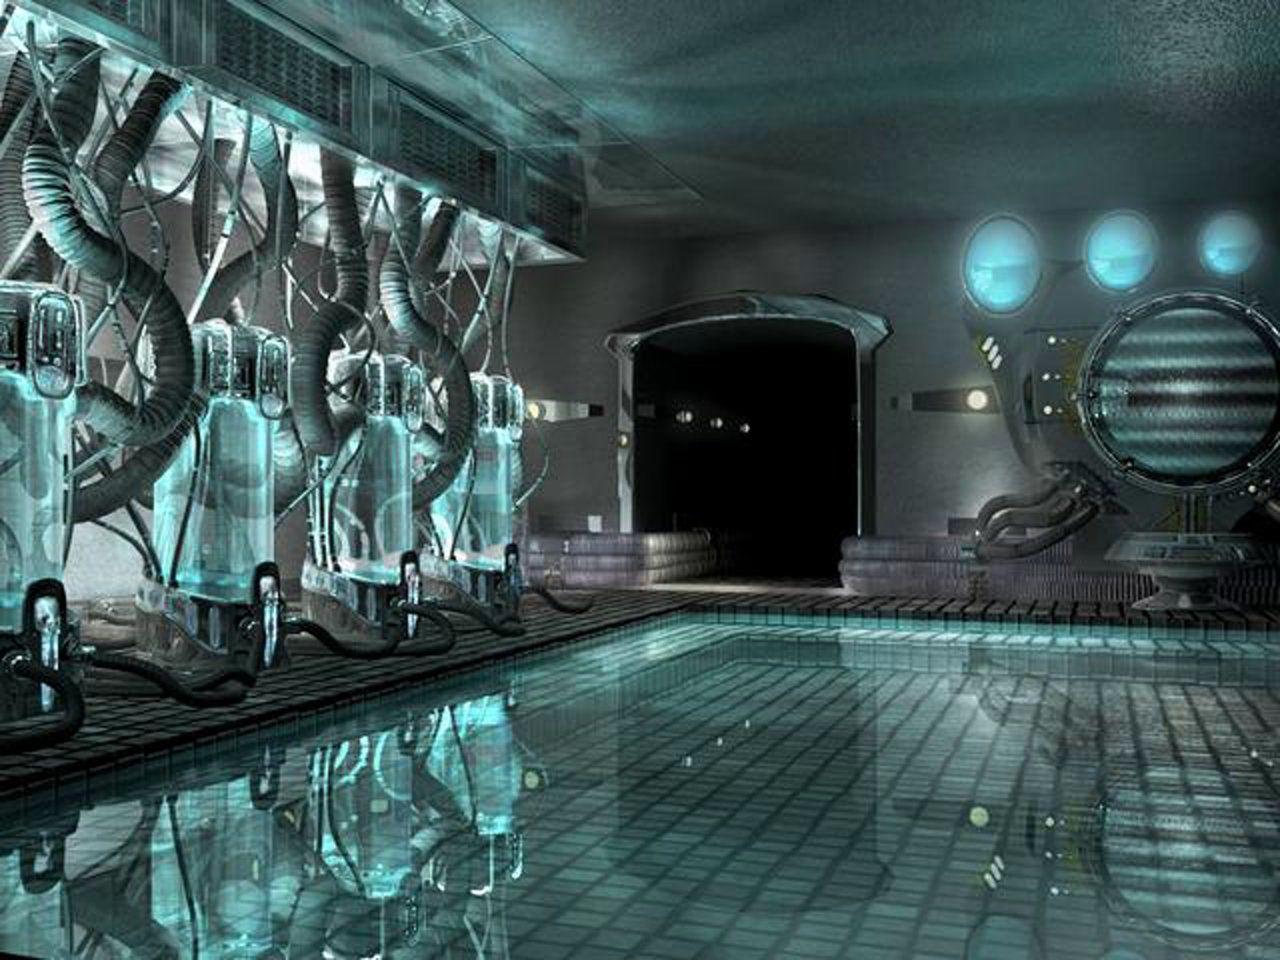 135293829 1280 960 scifi horror for Cyberpunk interior design